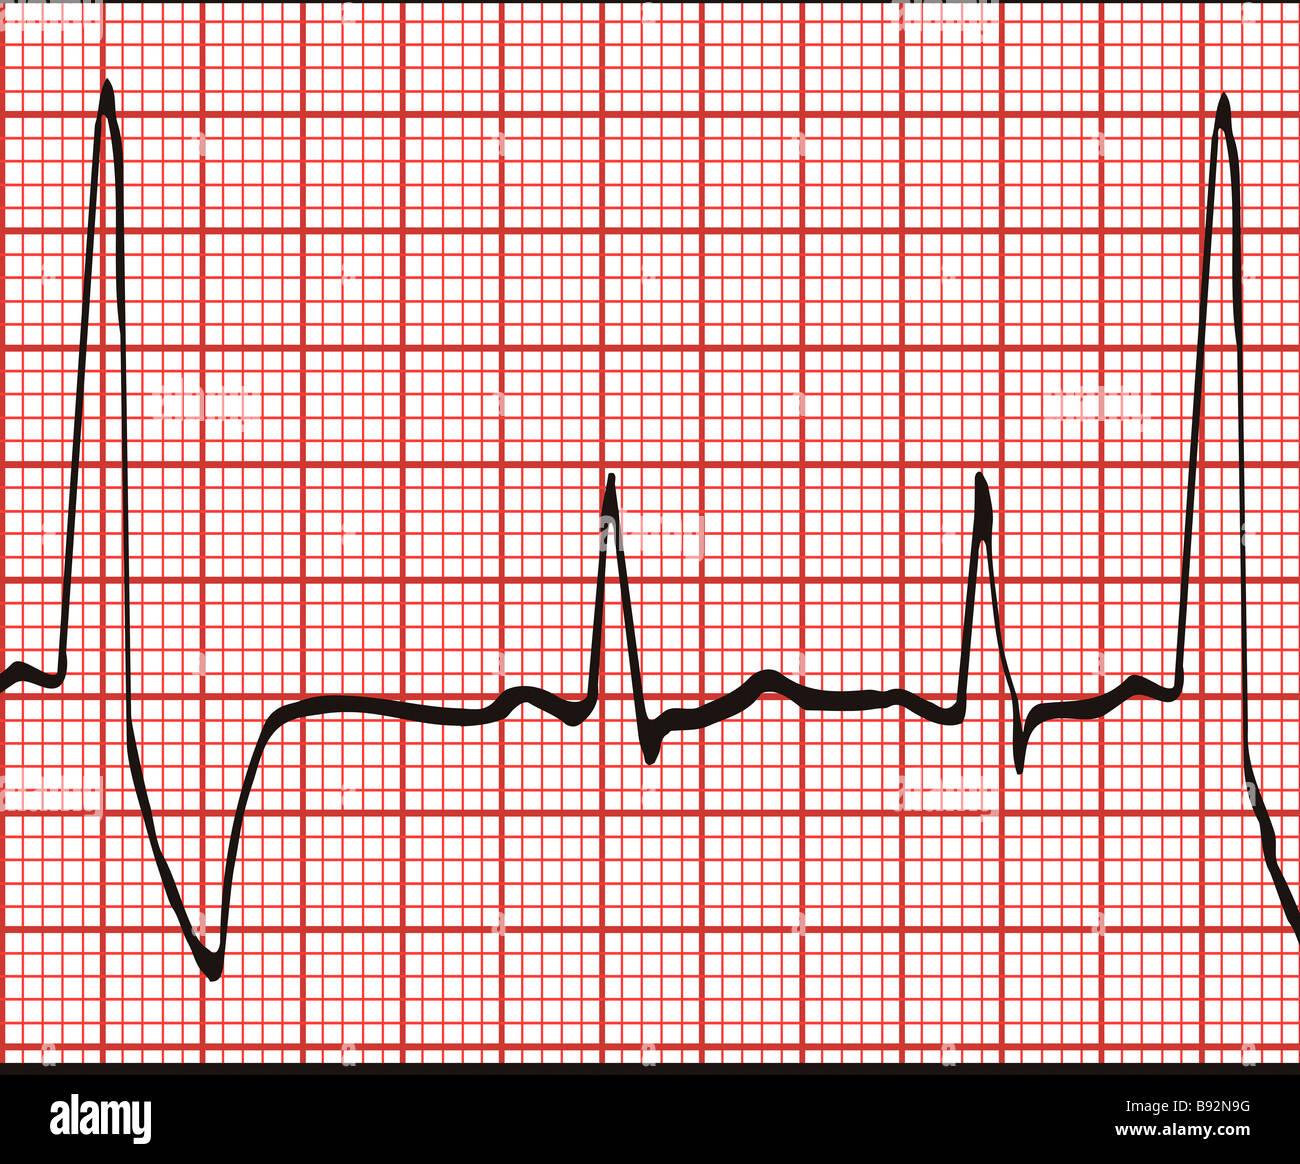 electrocardiogram ekg graph printout stock photo 22802908 alamy